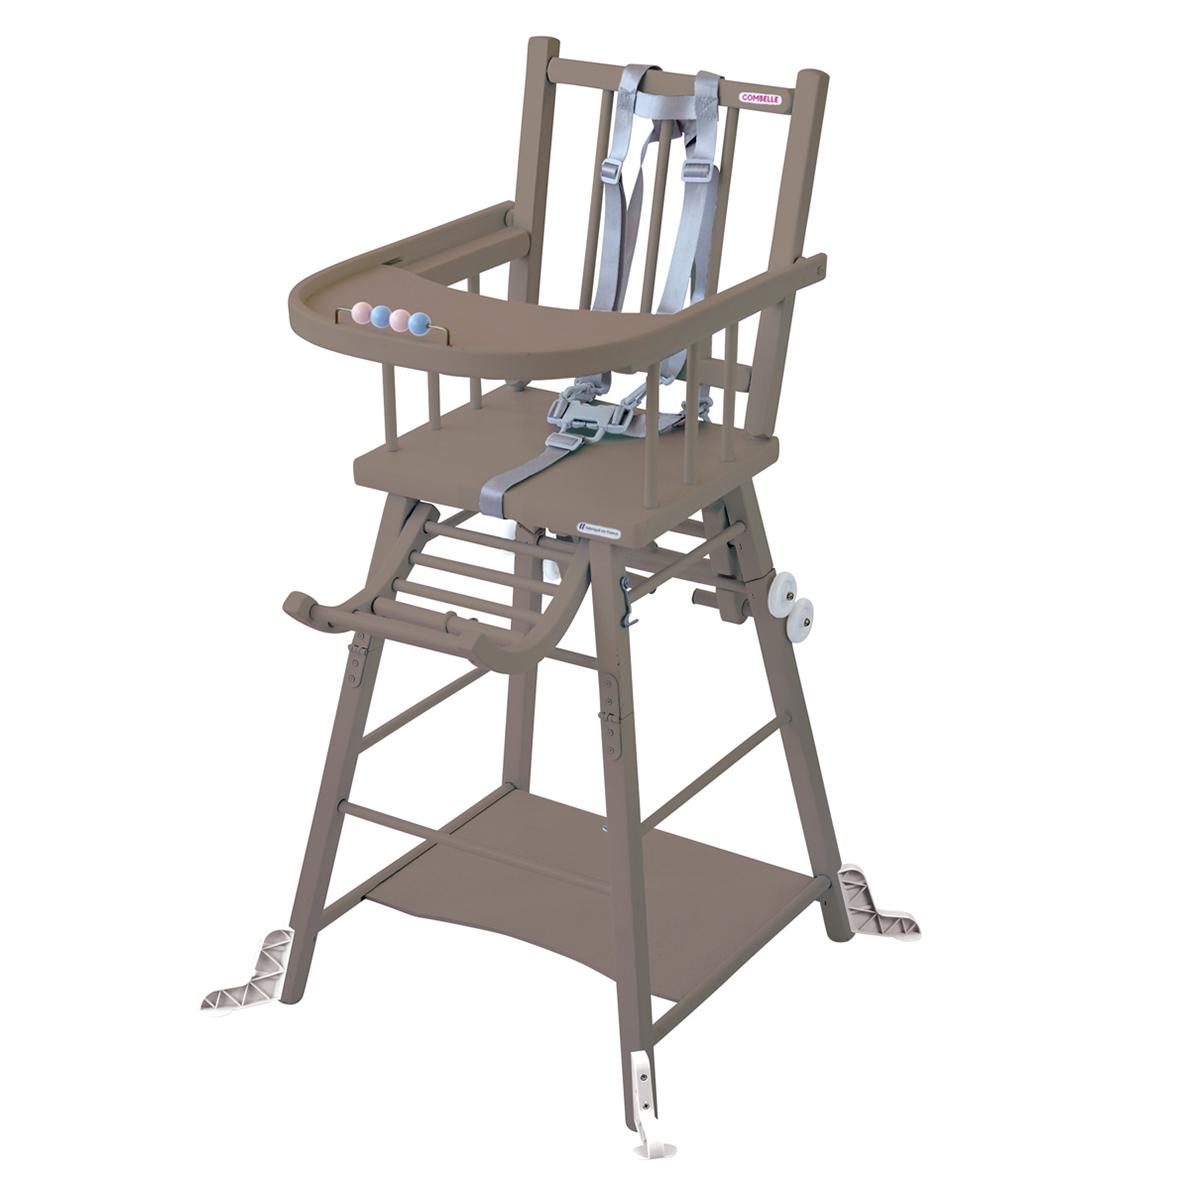 Chaise haute Chaise Haute à Barreaux Transformable Marcel - Taupe Chaise Haute à Barreaux Transformable Marcel - Taupe